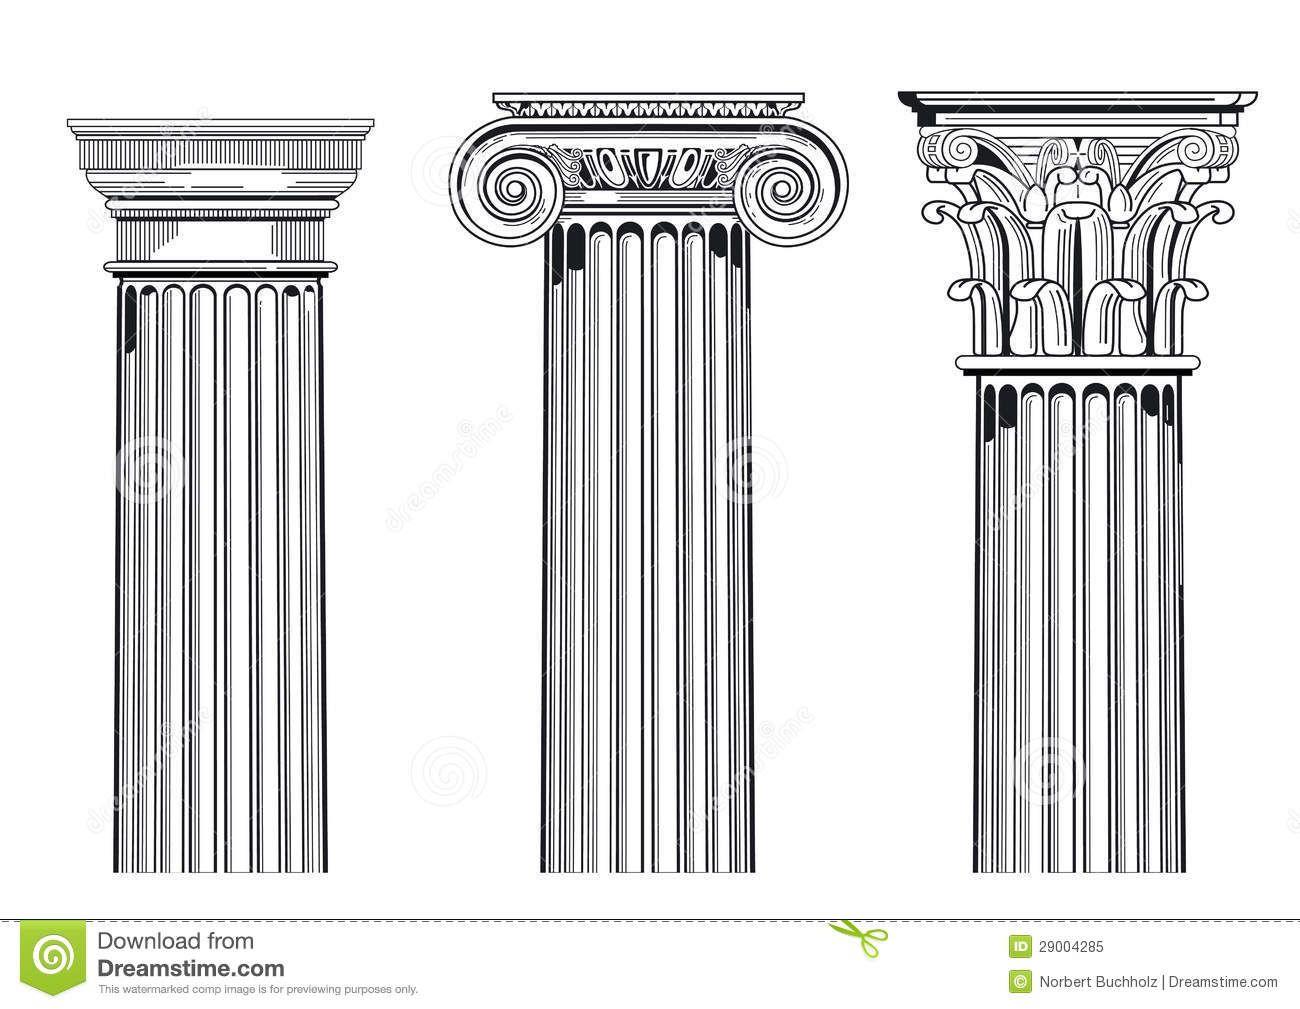 Imagenes Arquitectonicas Griegas En Hd Gratis Para Poner En El Celular 6 Hd Wallpapers Columnas Arquitectura Arquitectura Griega Antigua Arte Griego Antiguo